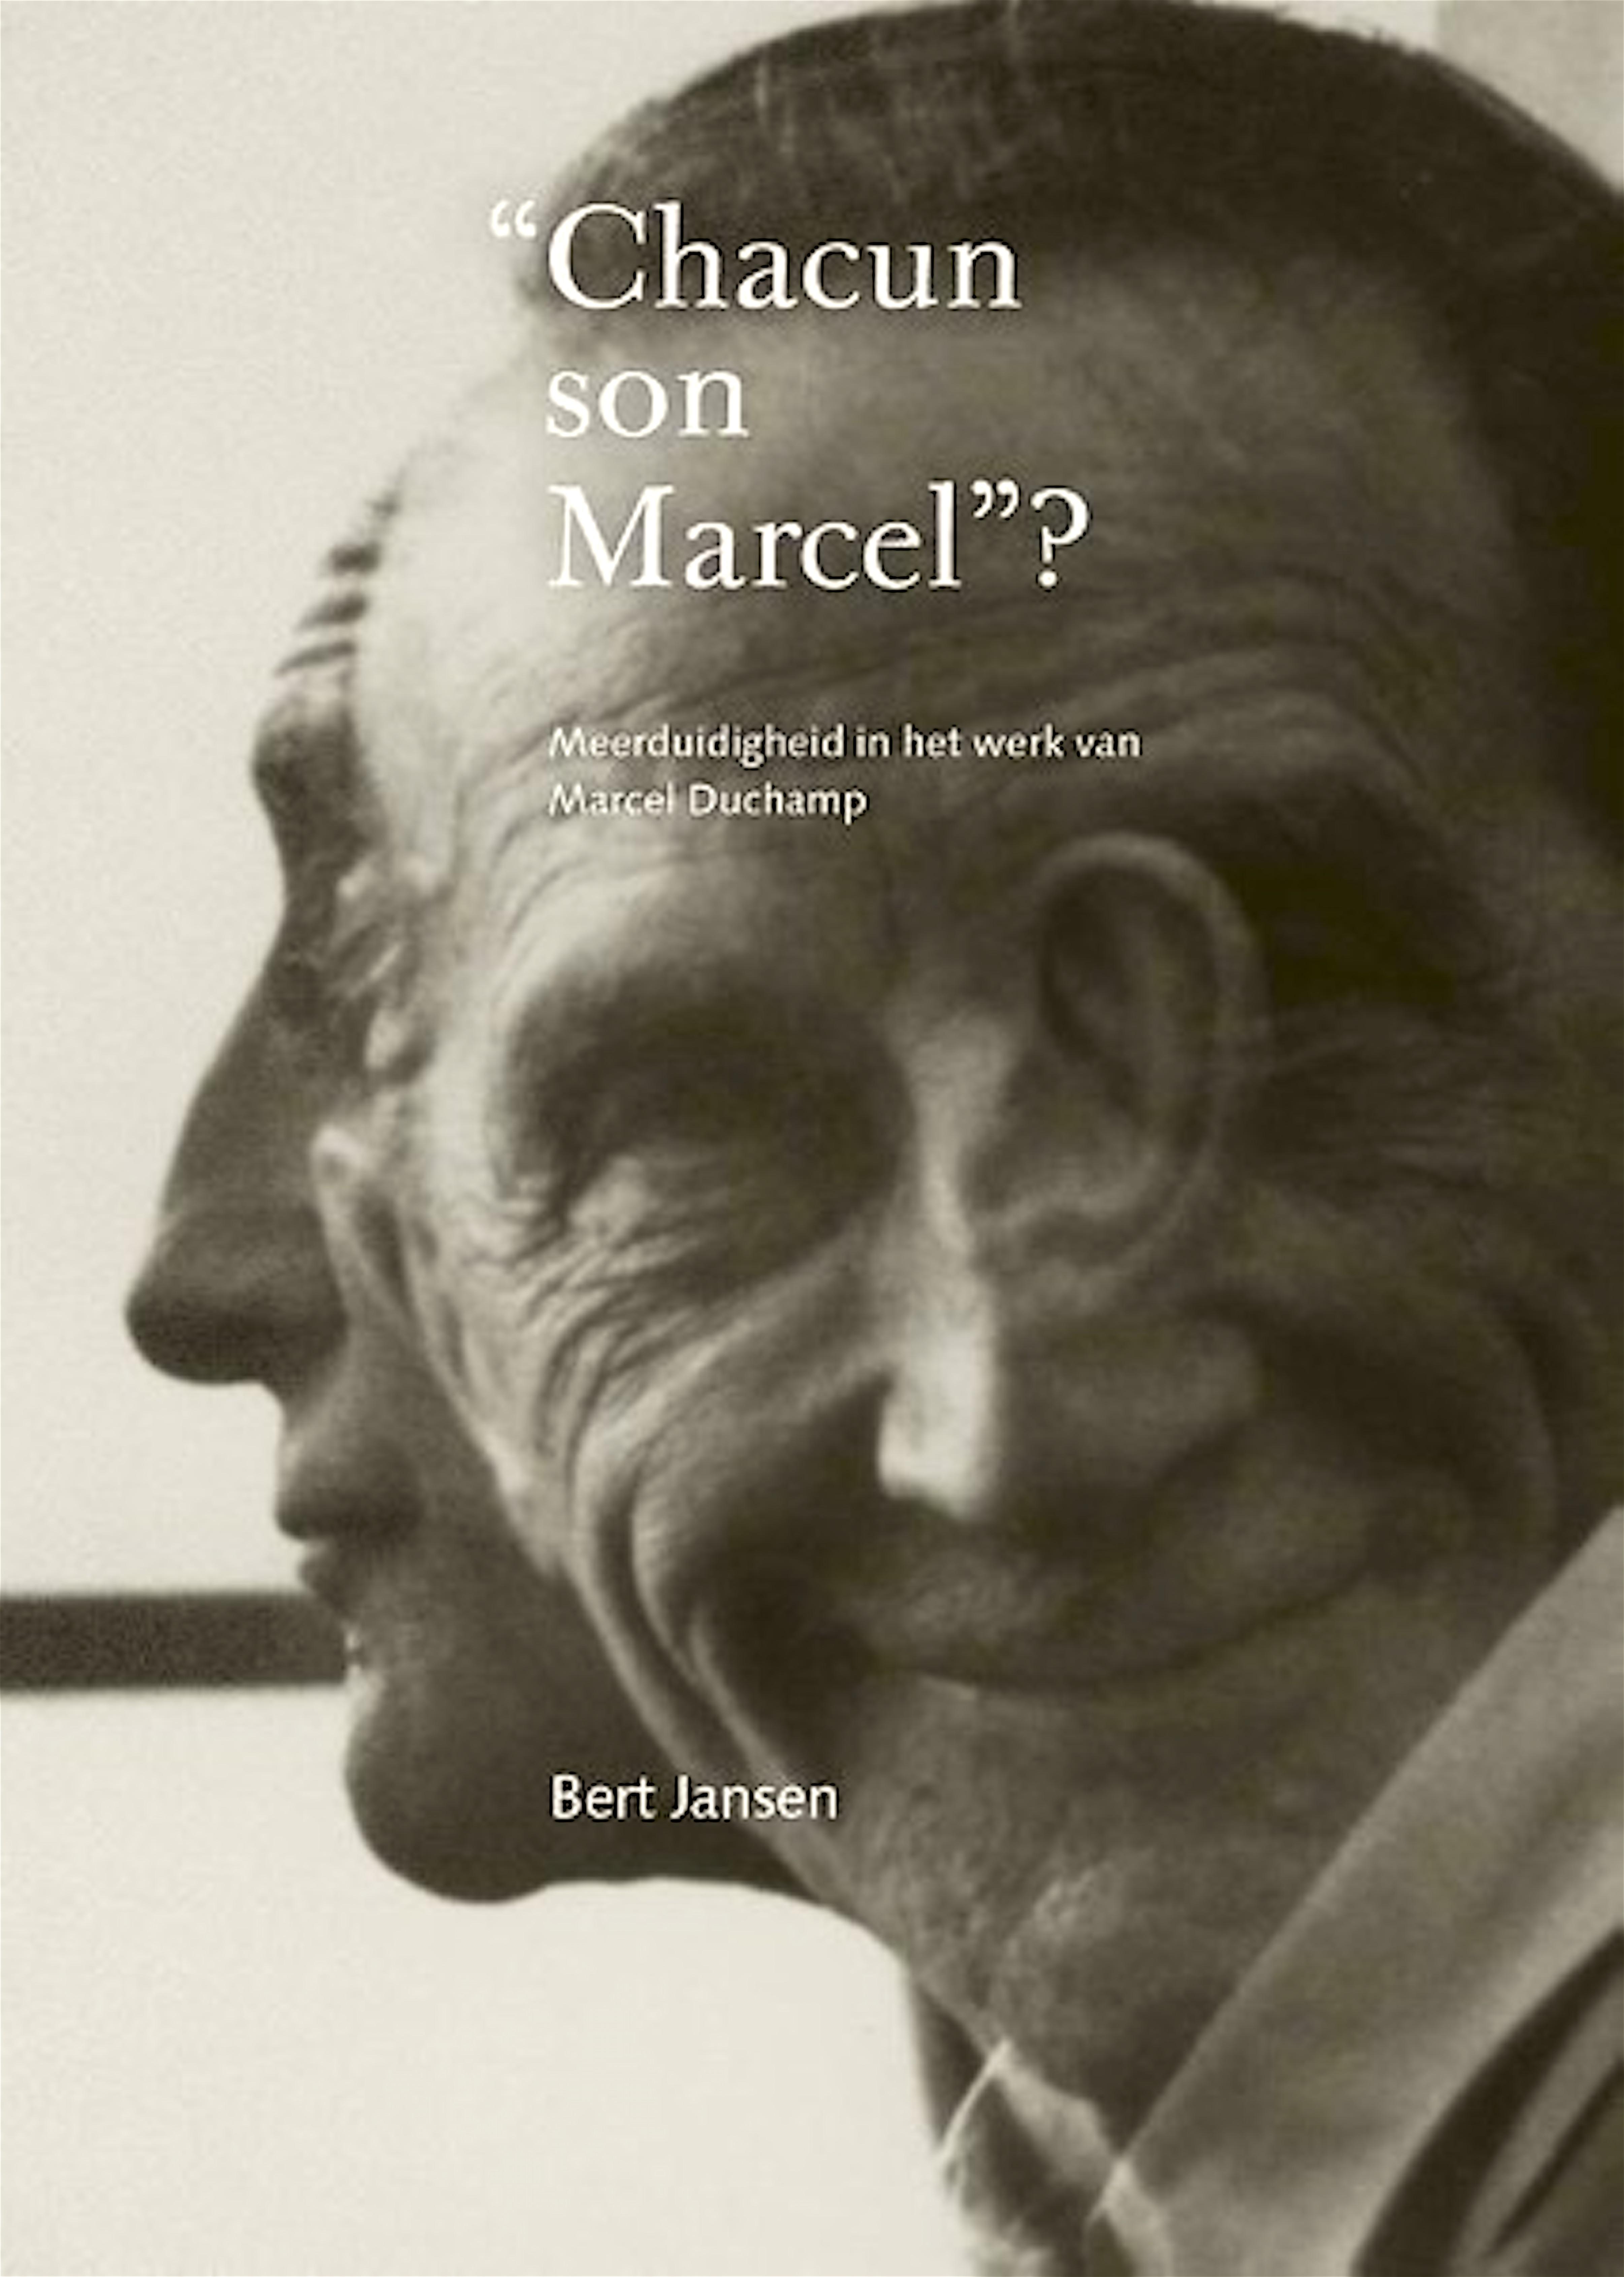 """Bert Jansen – """"Chacun son Marcel""""? Meerduidigheid in het werk van Marcel Duchamp"""